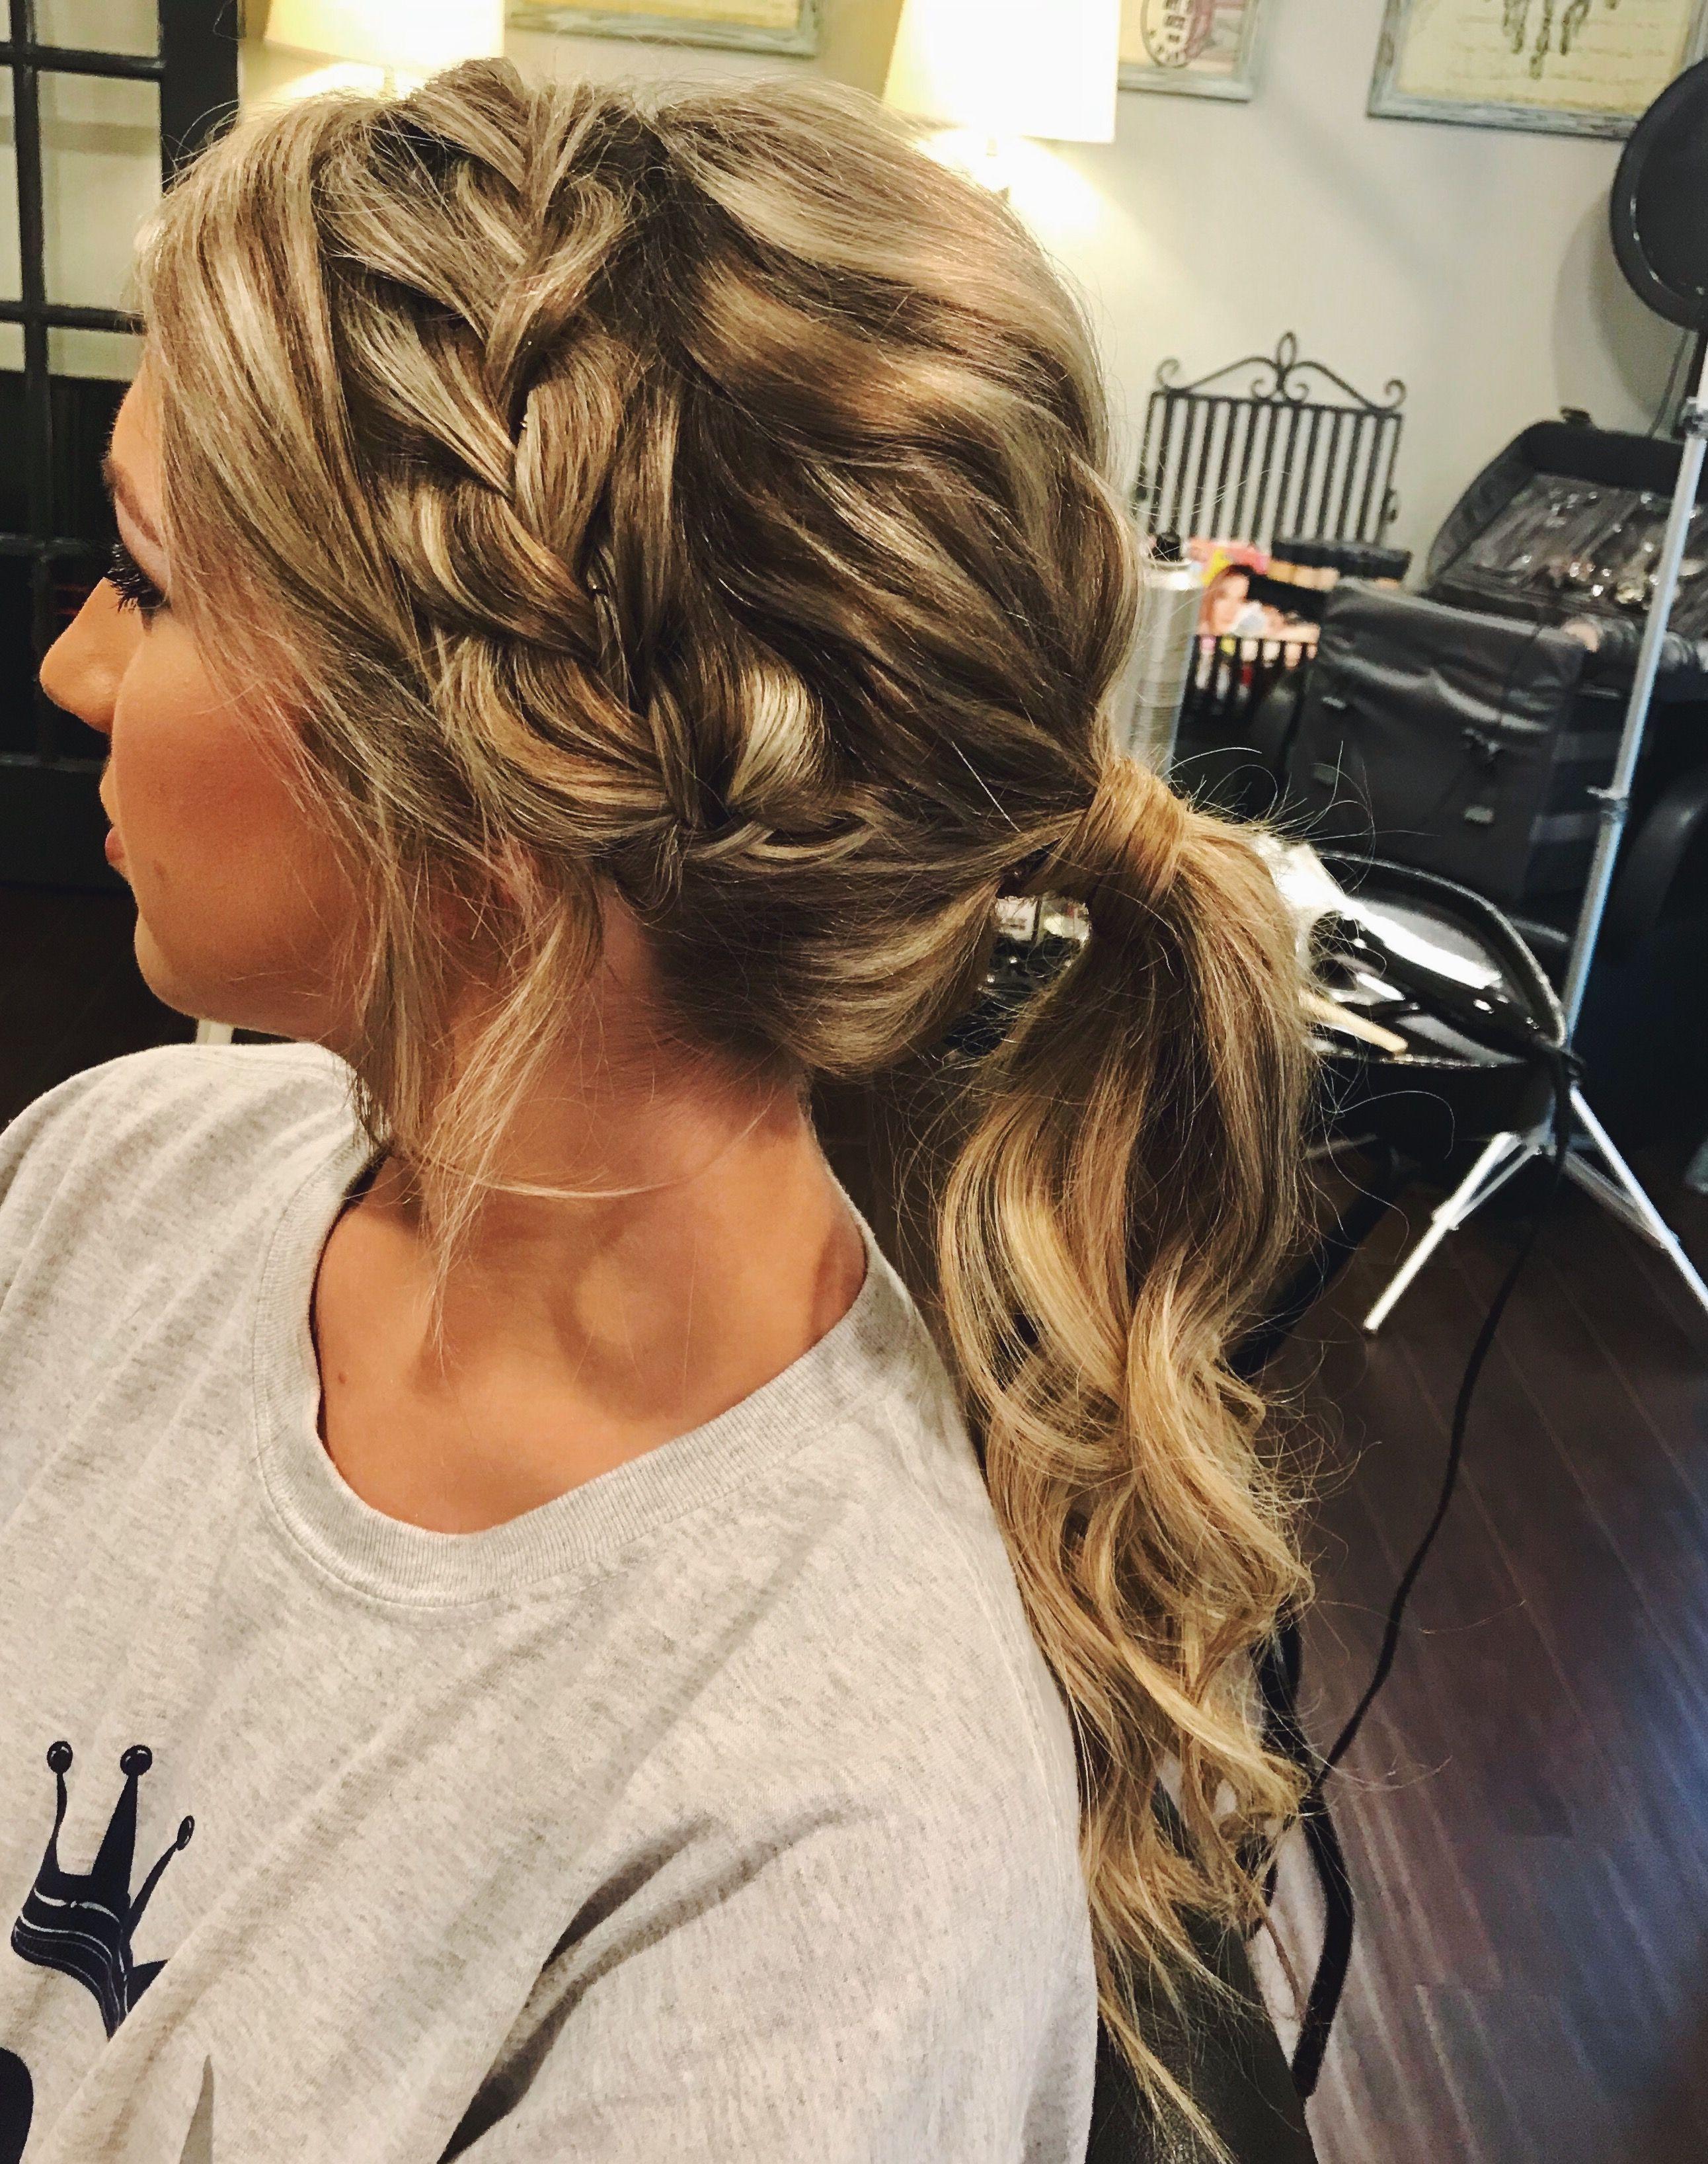 prom hair - ponytail updo braid  Braided prom hair, Prom ponytail